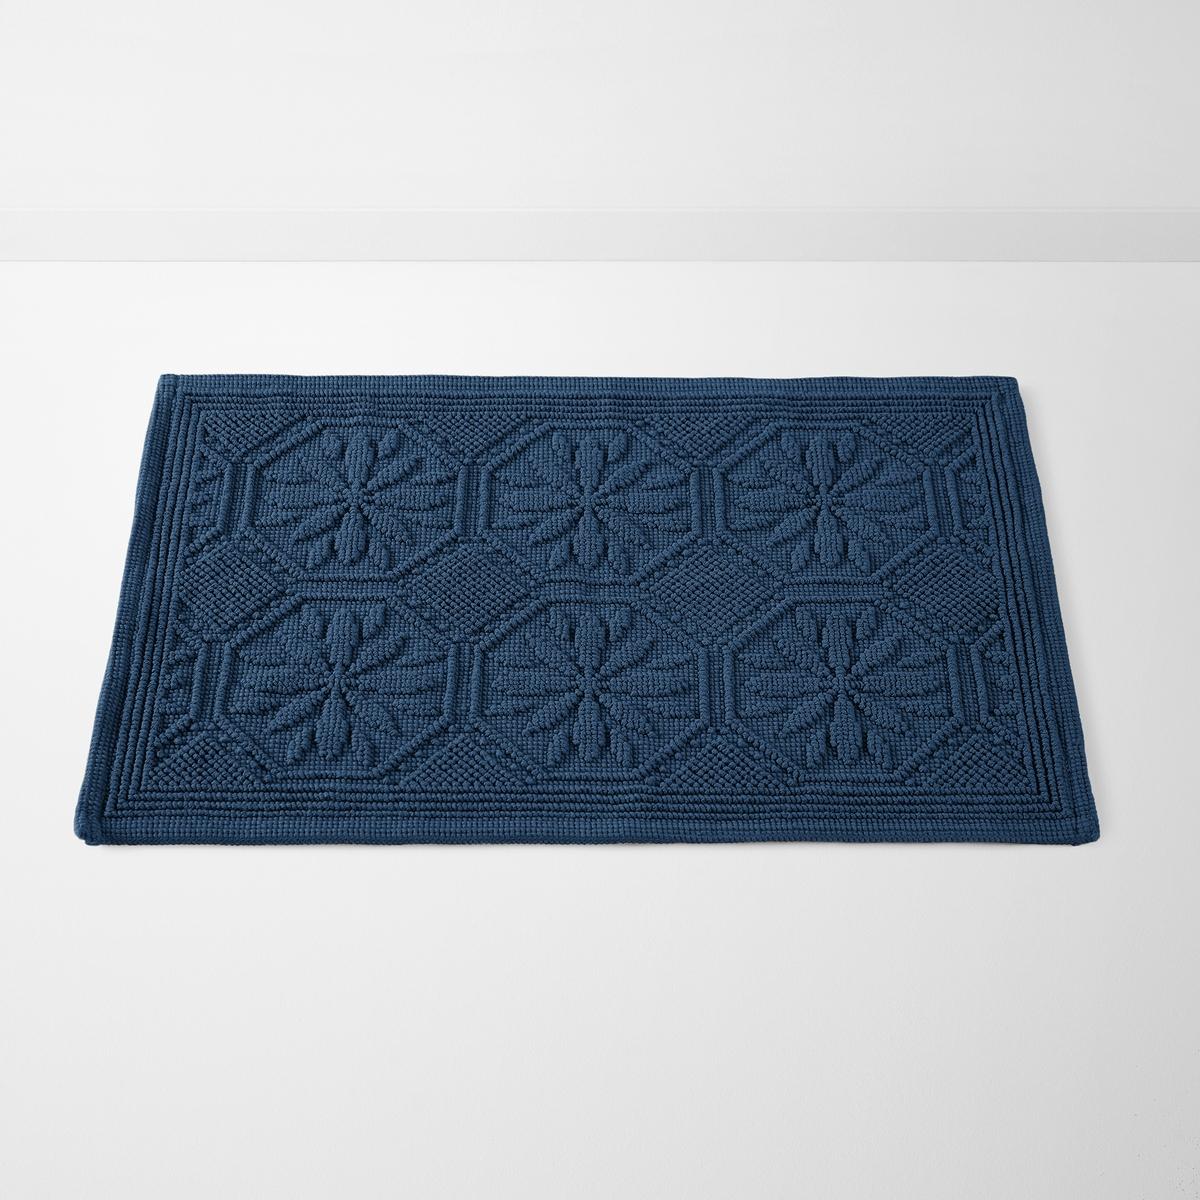 Коврик La Redoute Для ванной хлопок SALERNES 50 x 70 см синий коврик для ванной доляна собака 3105610 бежевый 50 х 70 см